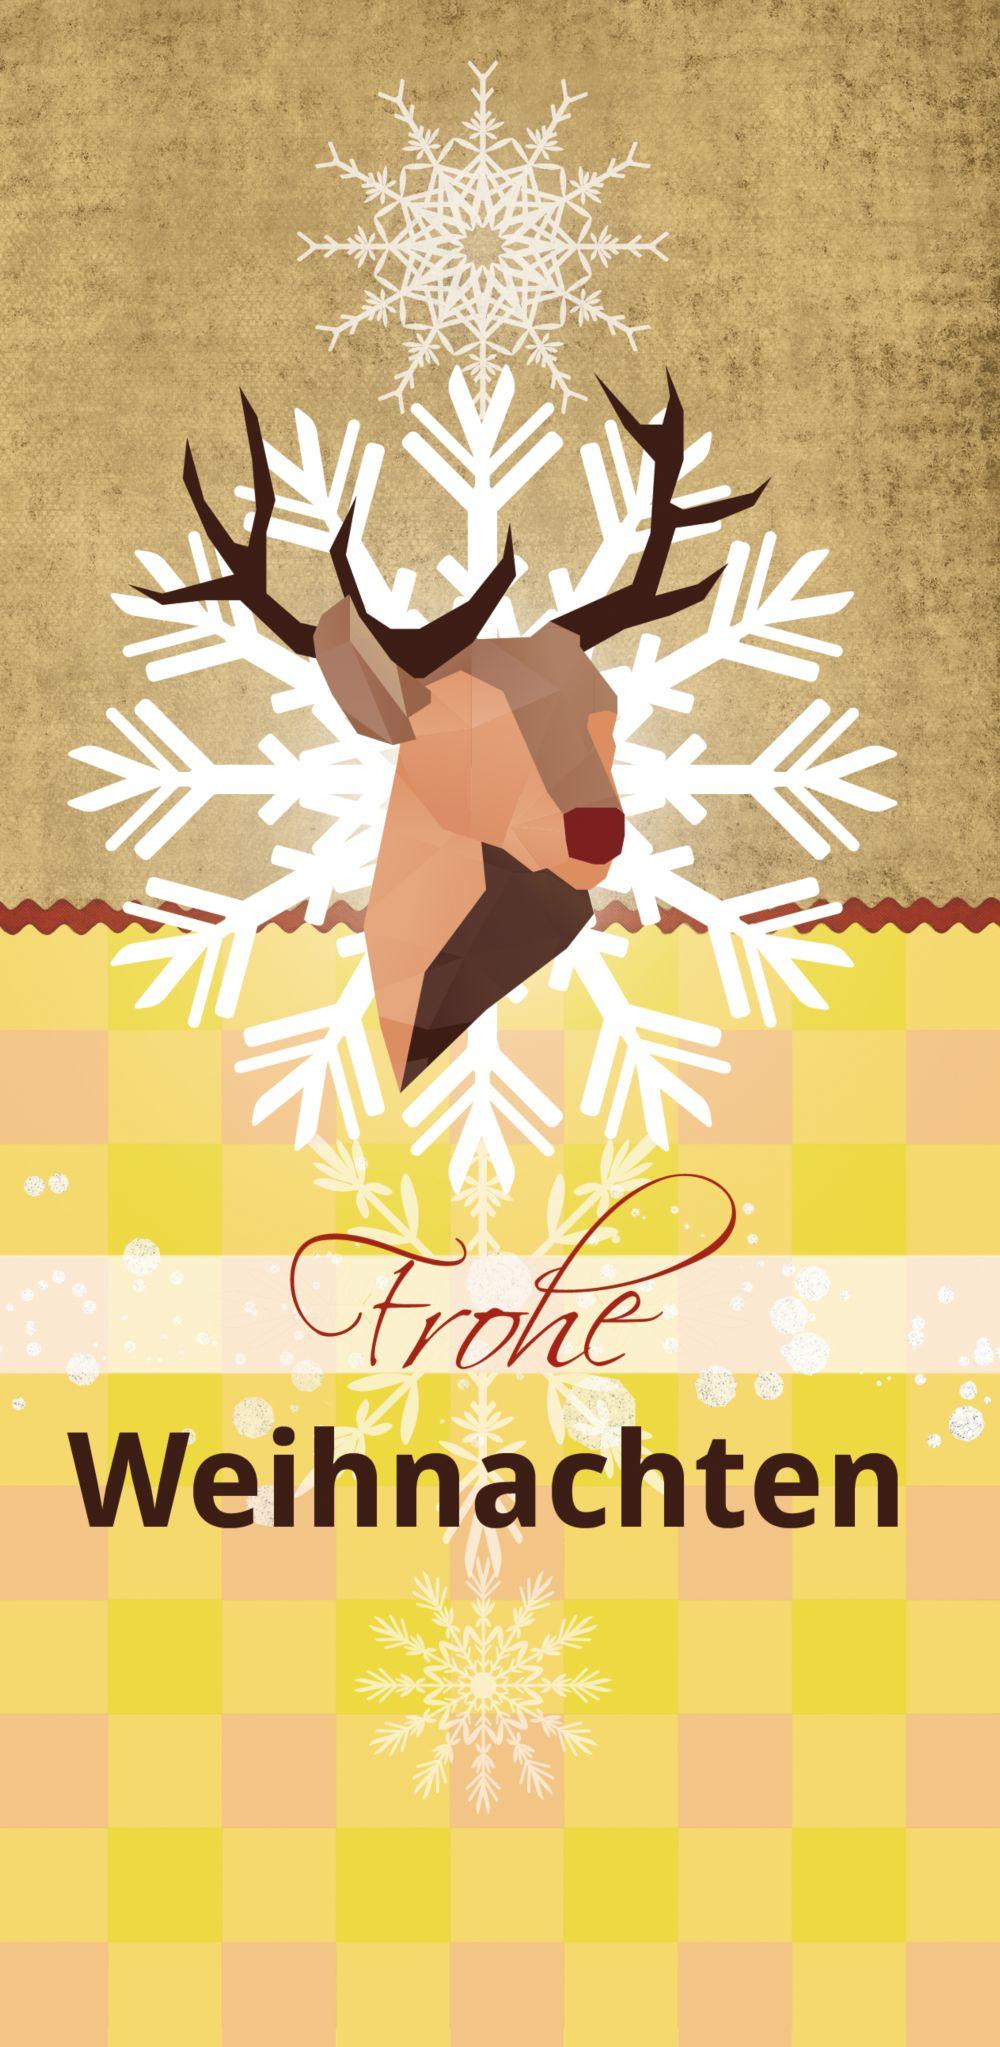 Ansicht 3 - Foto Grußkarte Hirschkopf